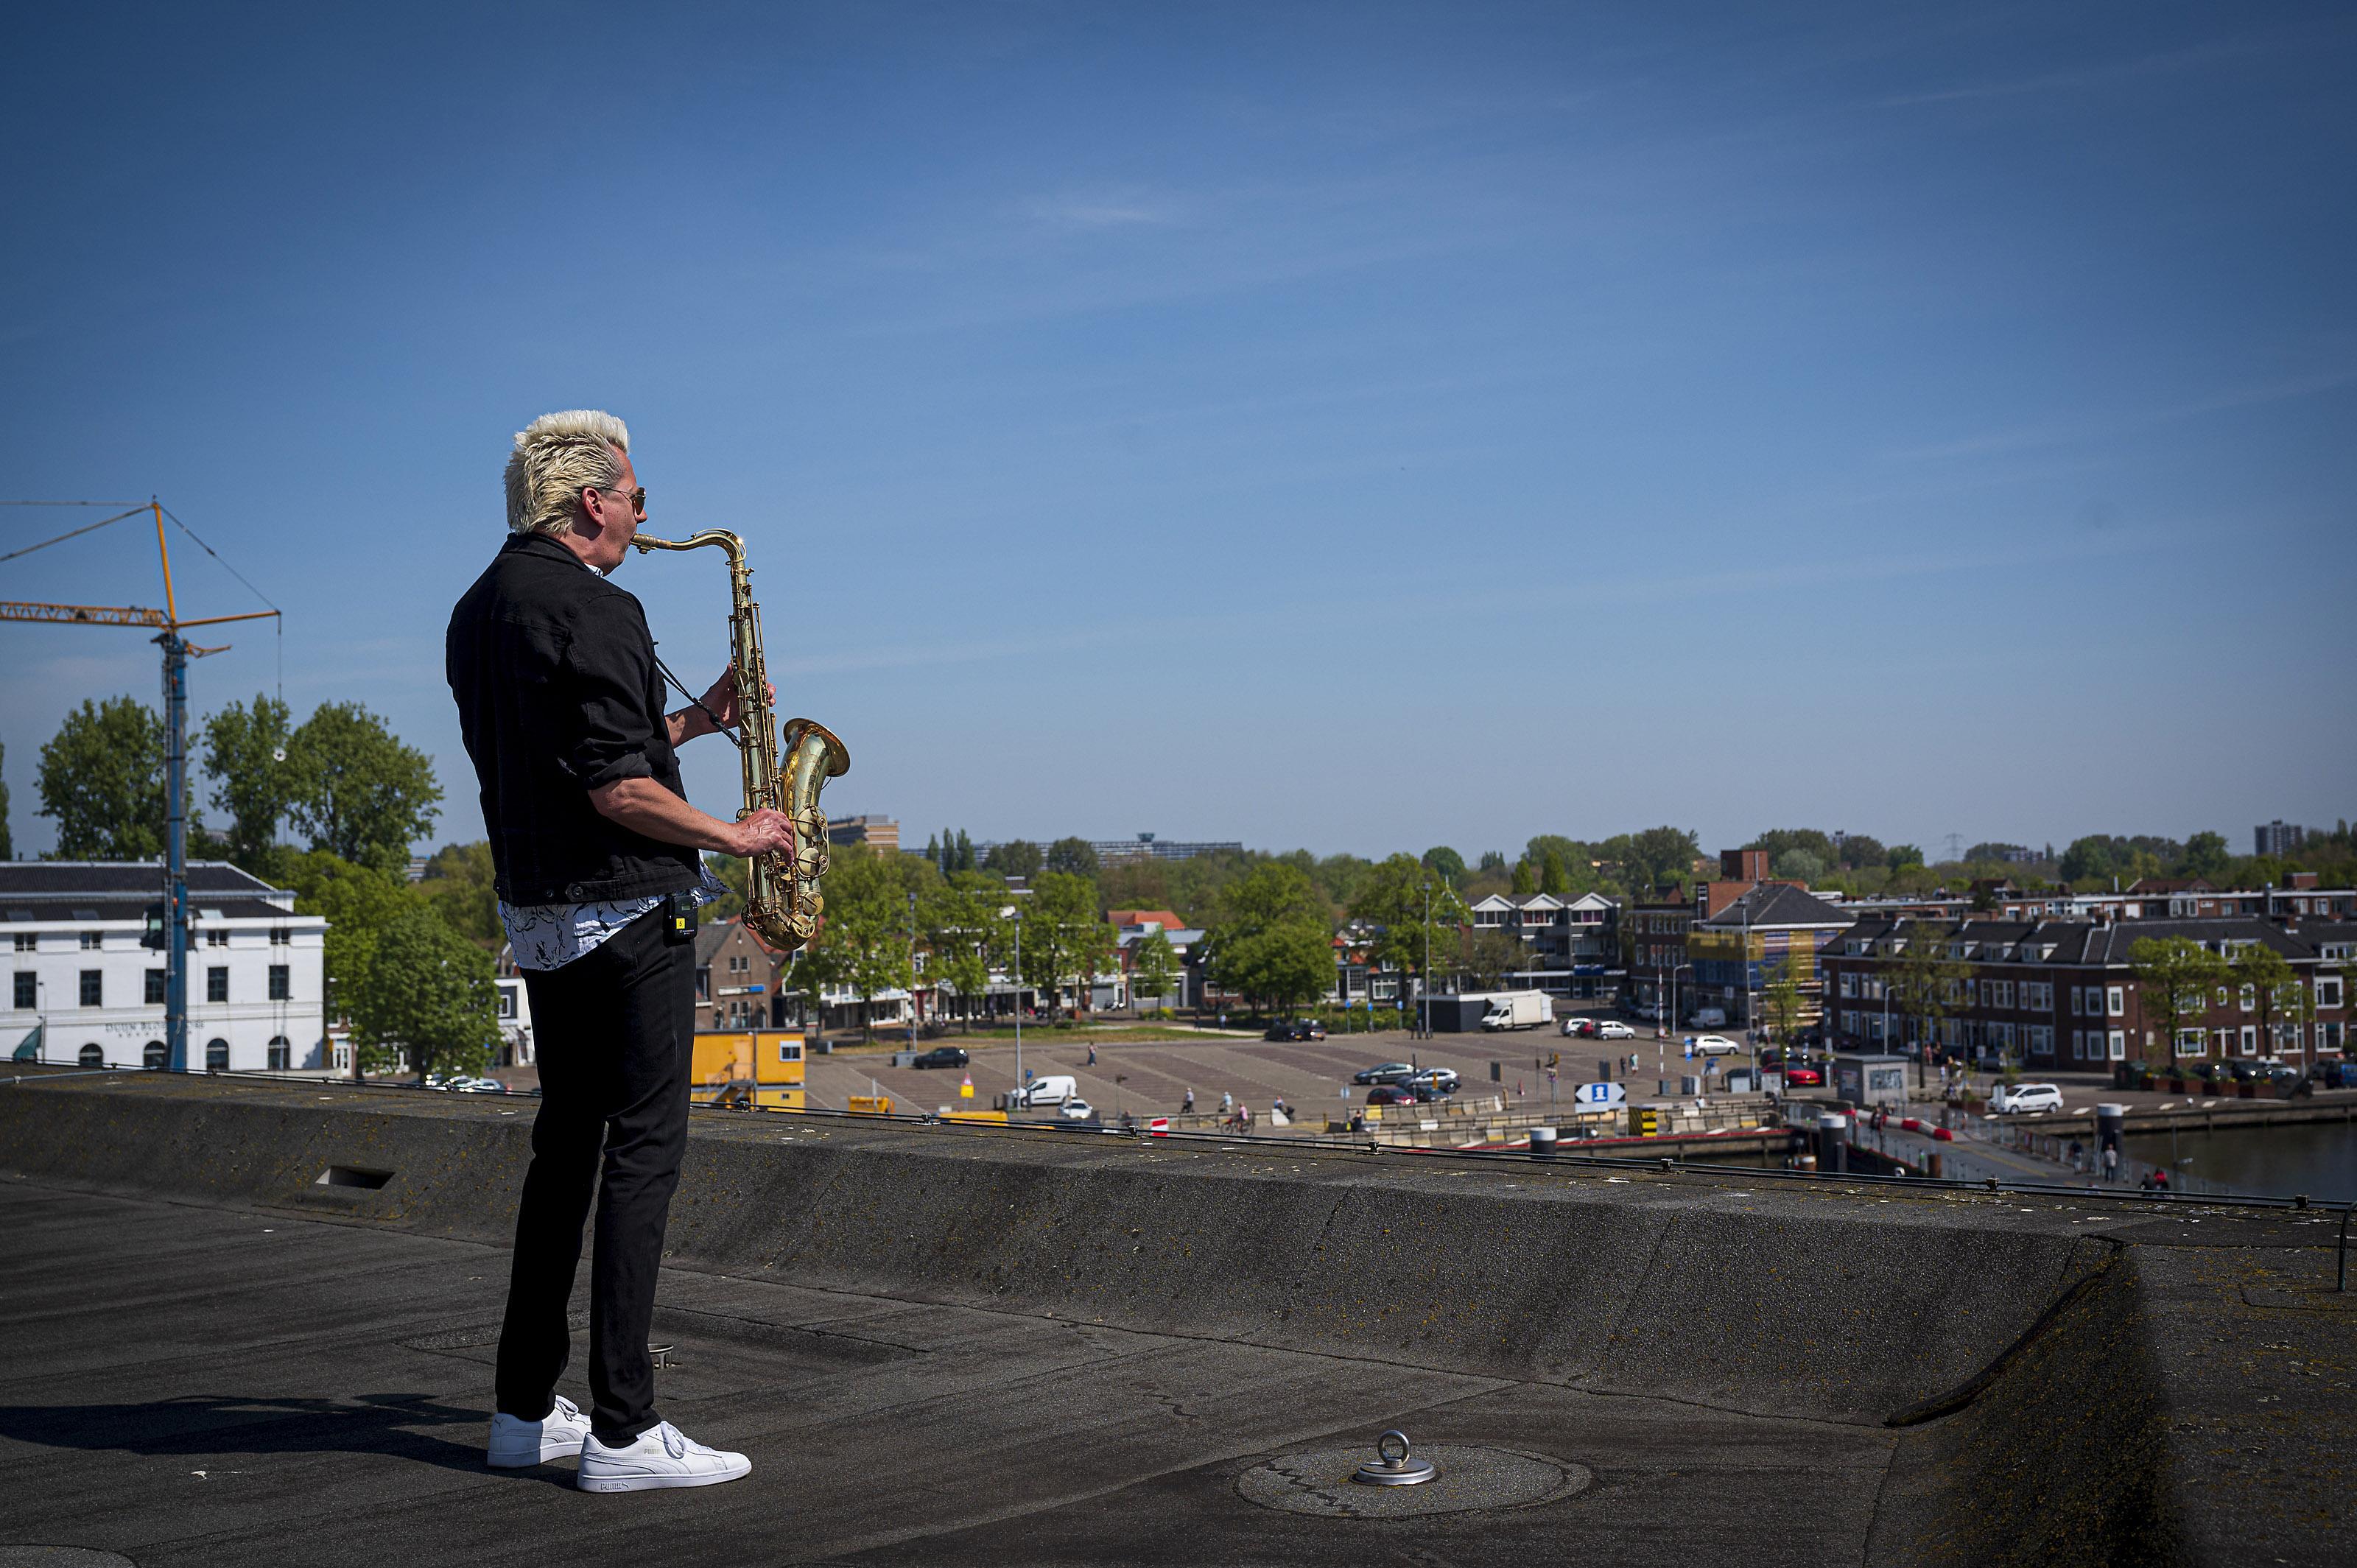 Kan Royal Jazz na 47 edities niet doorgaan vanwege corona? Dan doen we het met een filmpje vanaf het dak van het Zaantheater